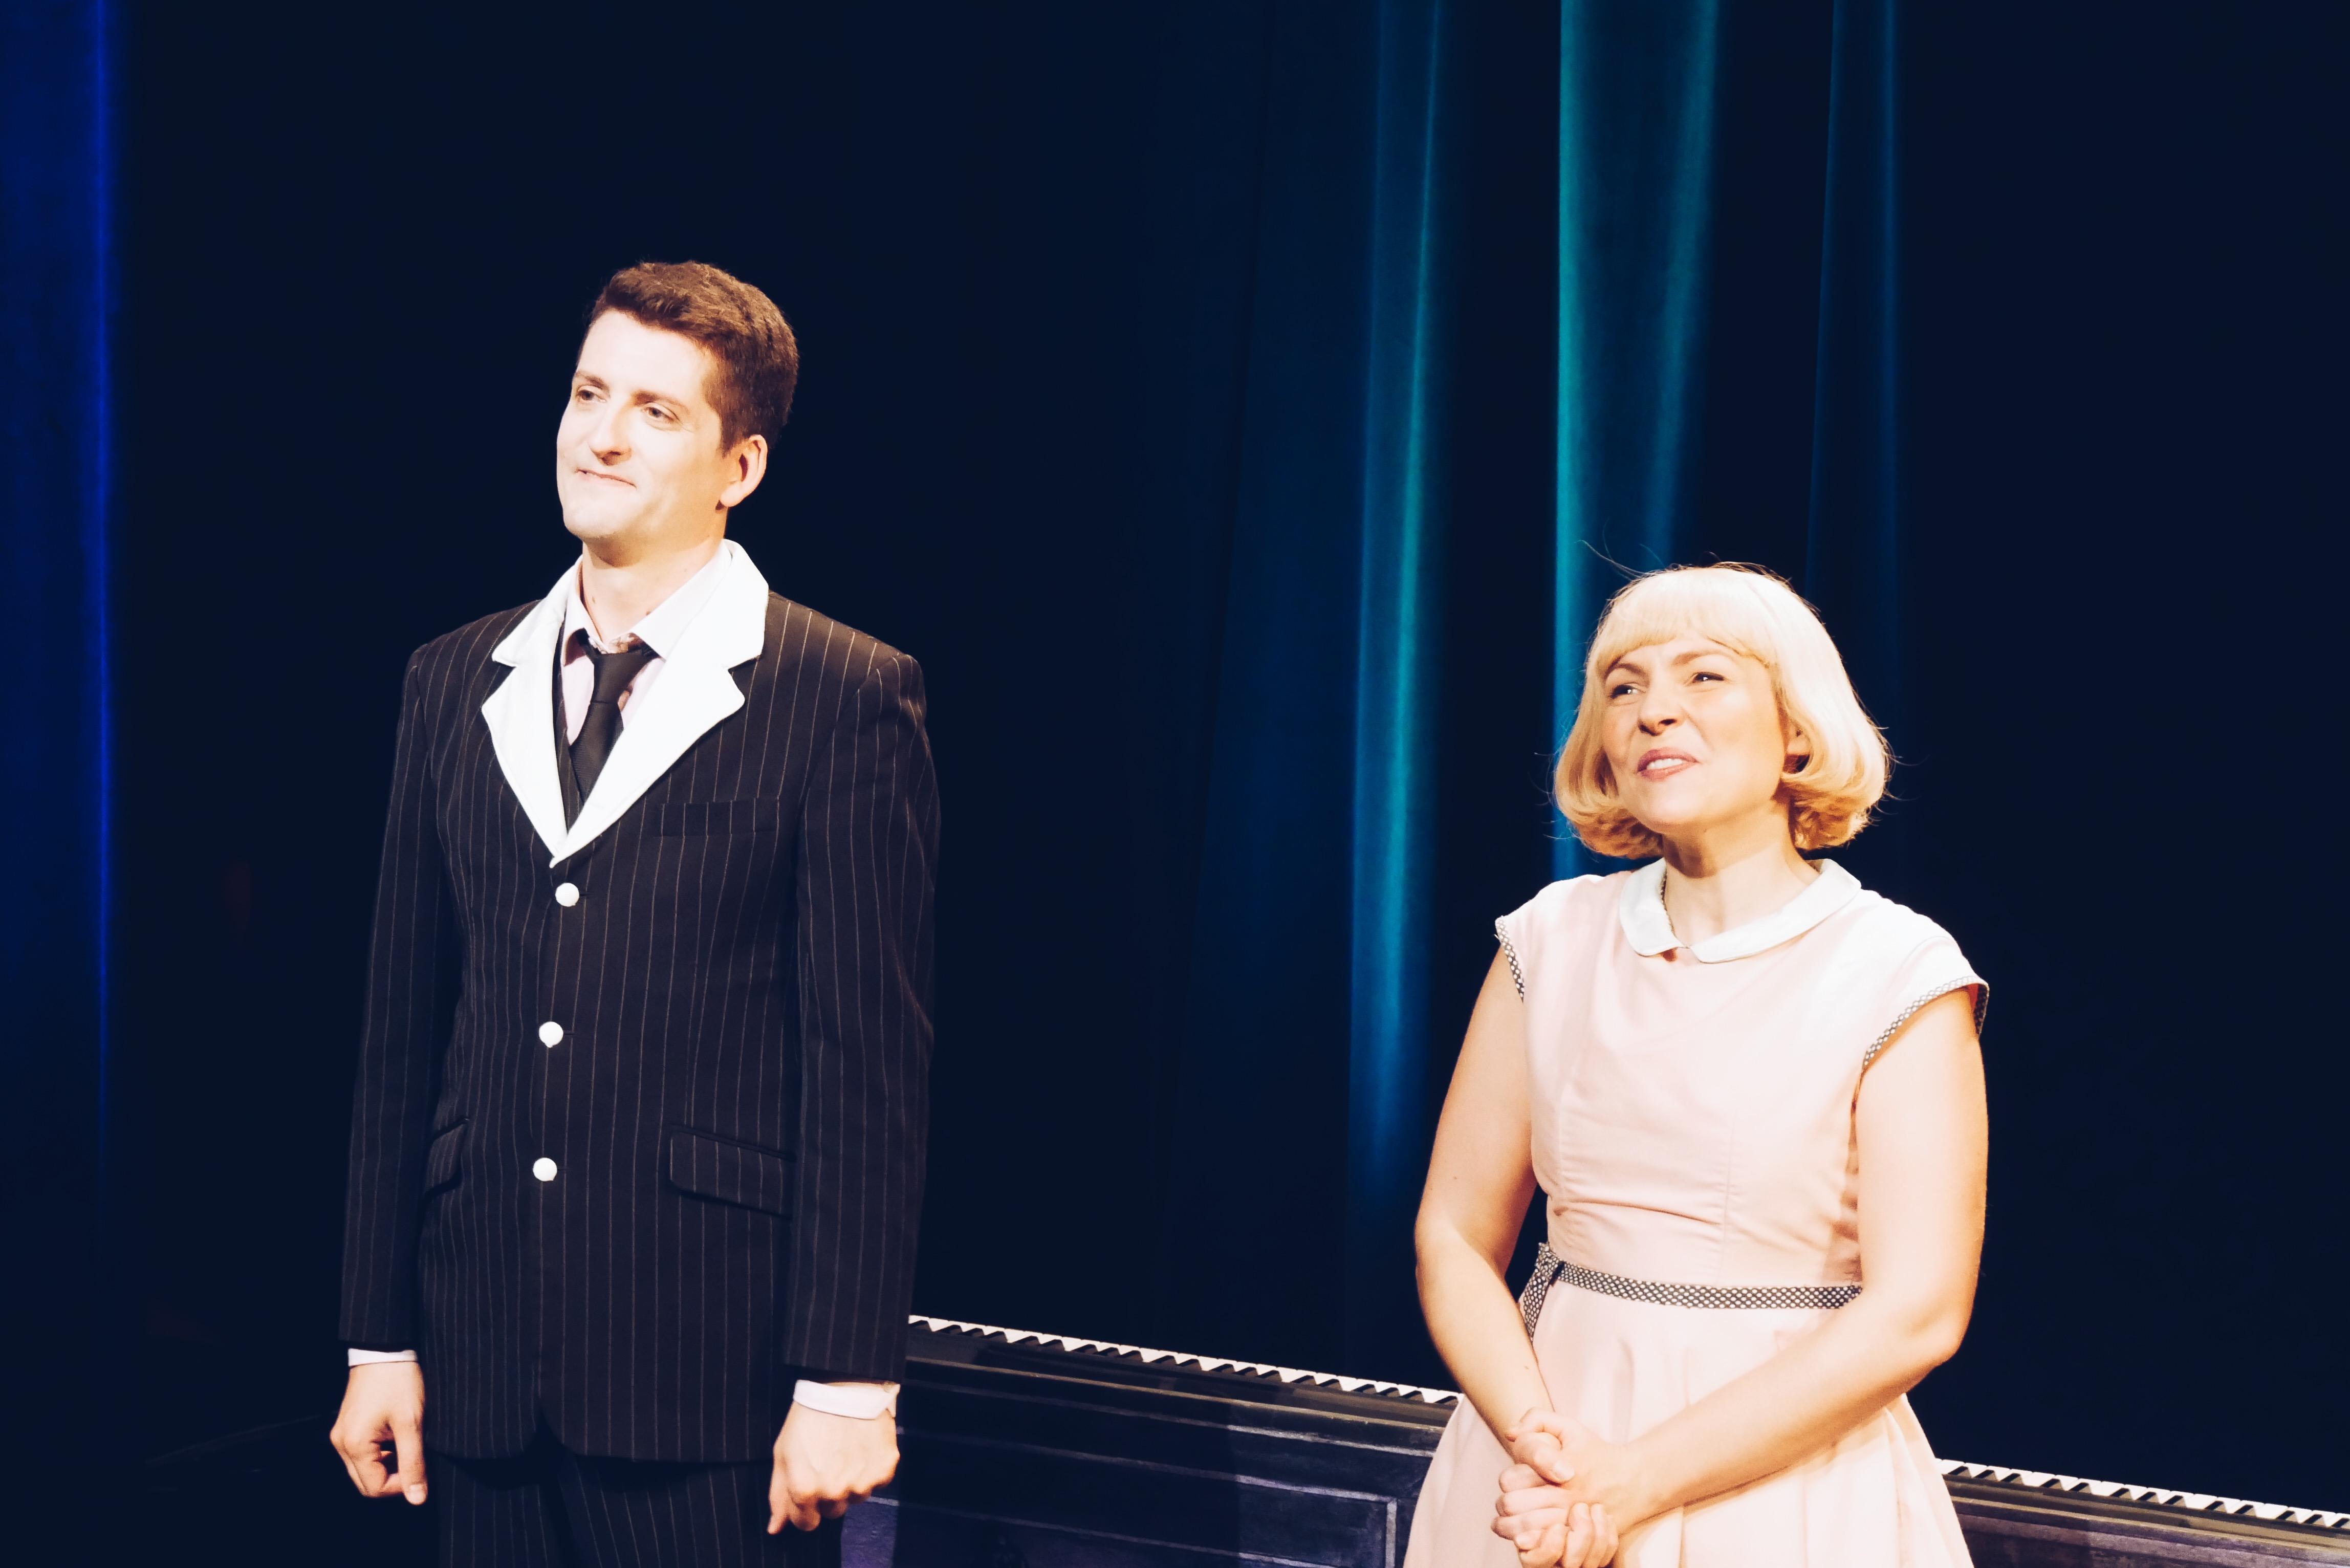 Naturellement-Belle-comédie-théâtrale-musicale-de-et-avec-Raphaël-Callandreau-et-Rachel-Pignot-photo-scène-UsofParis-blog